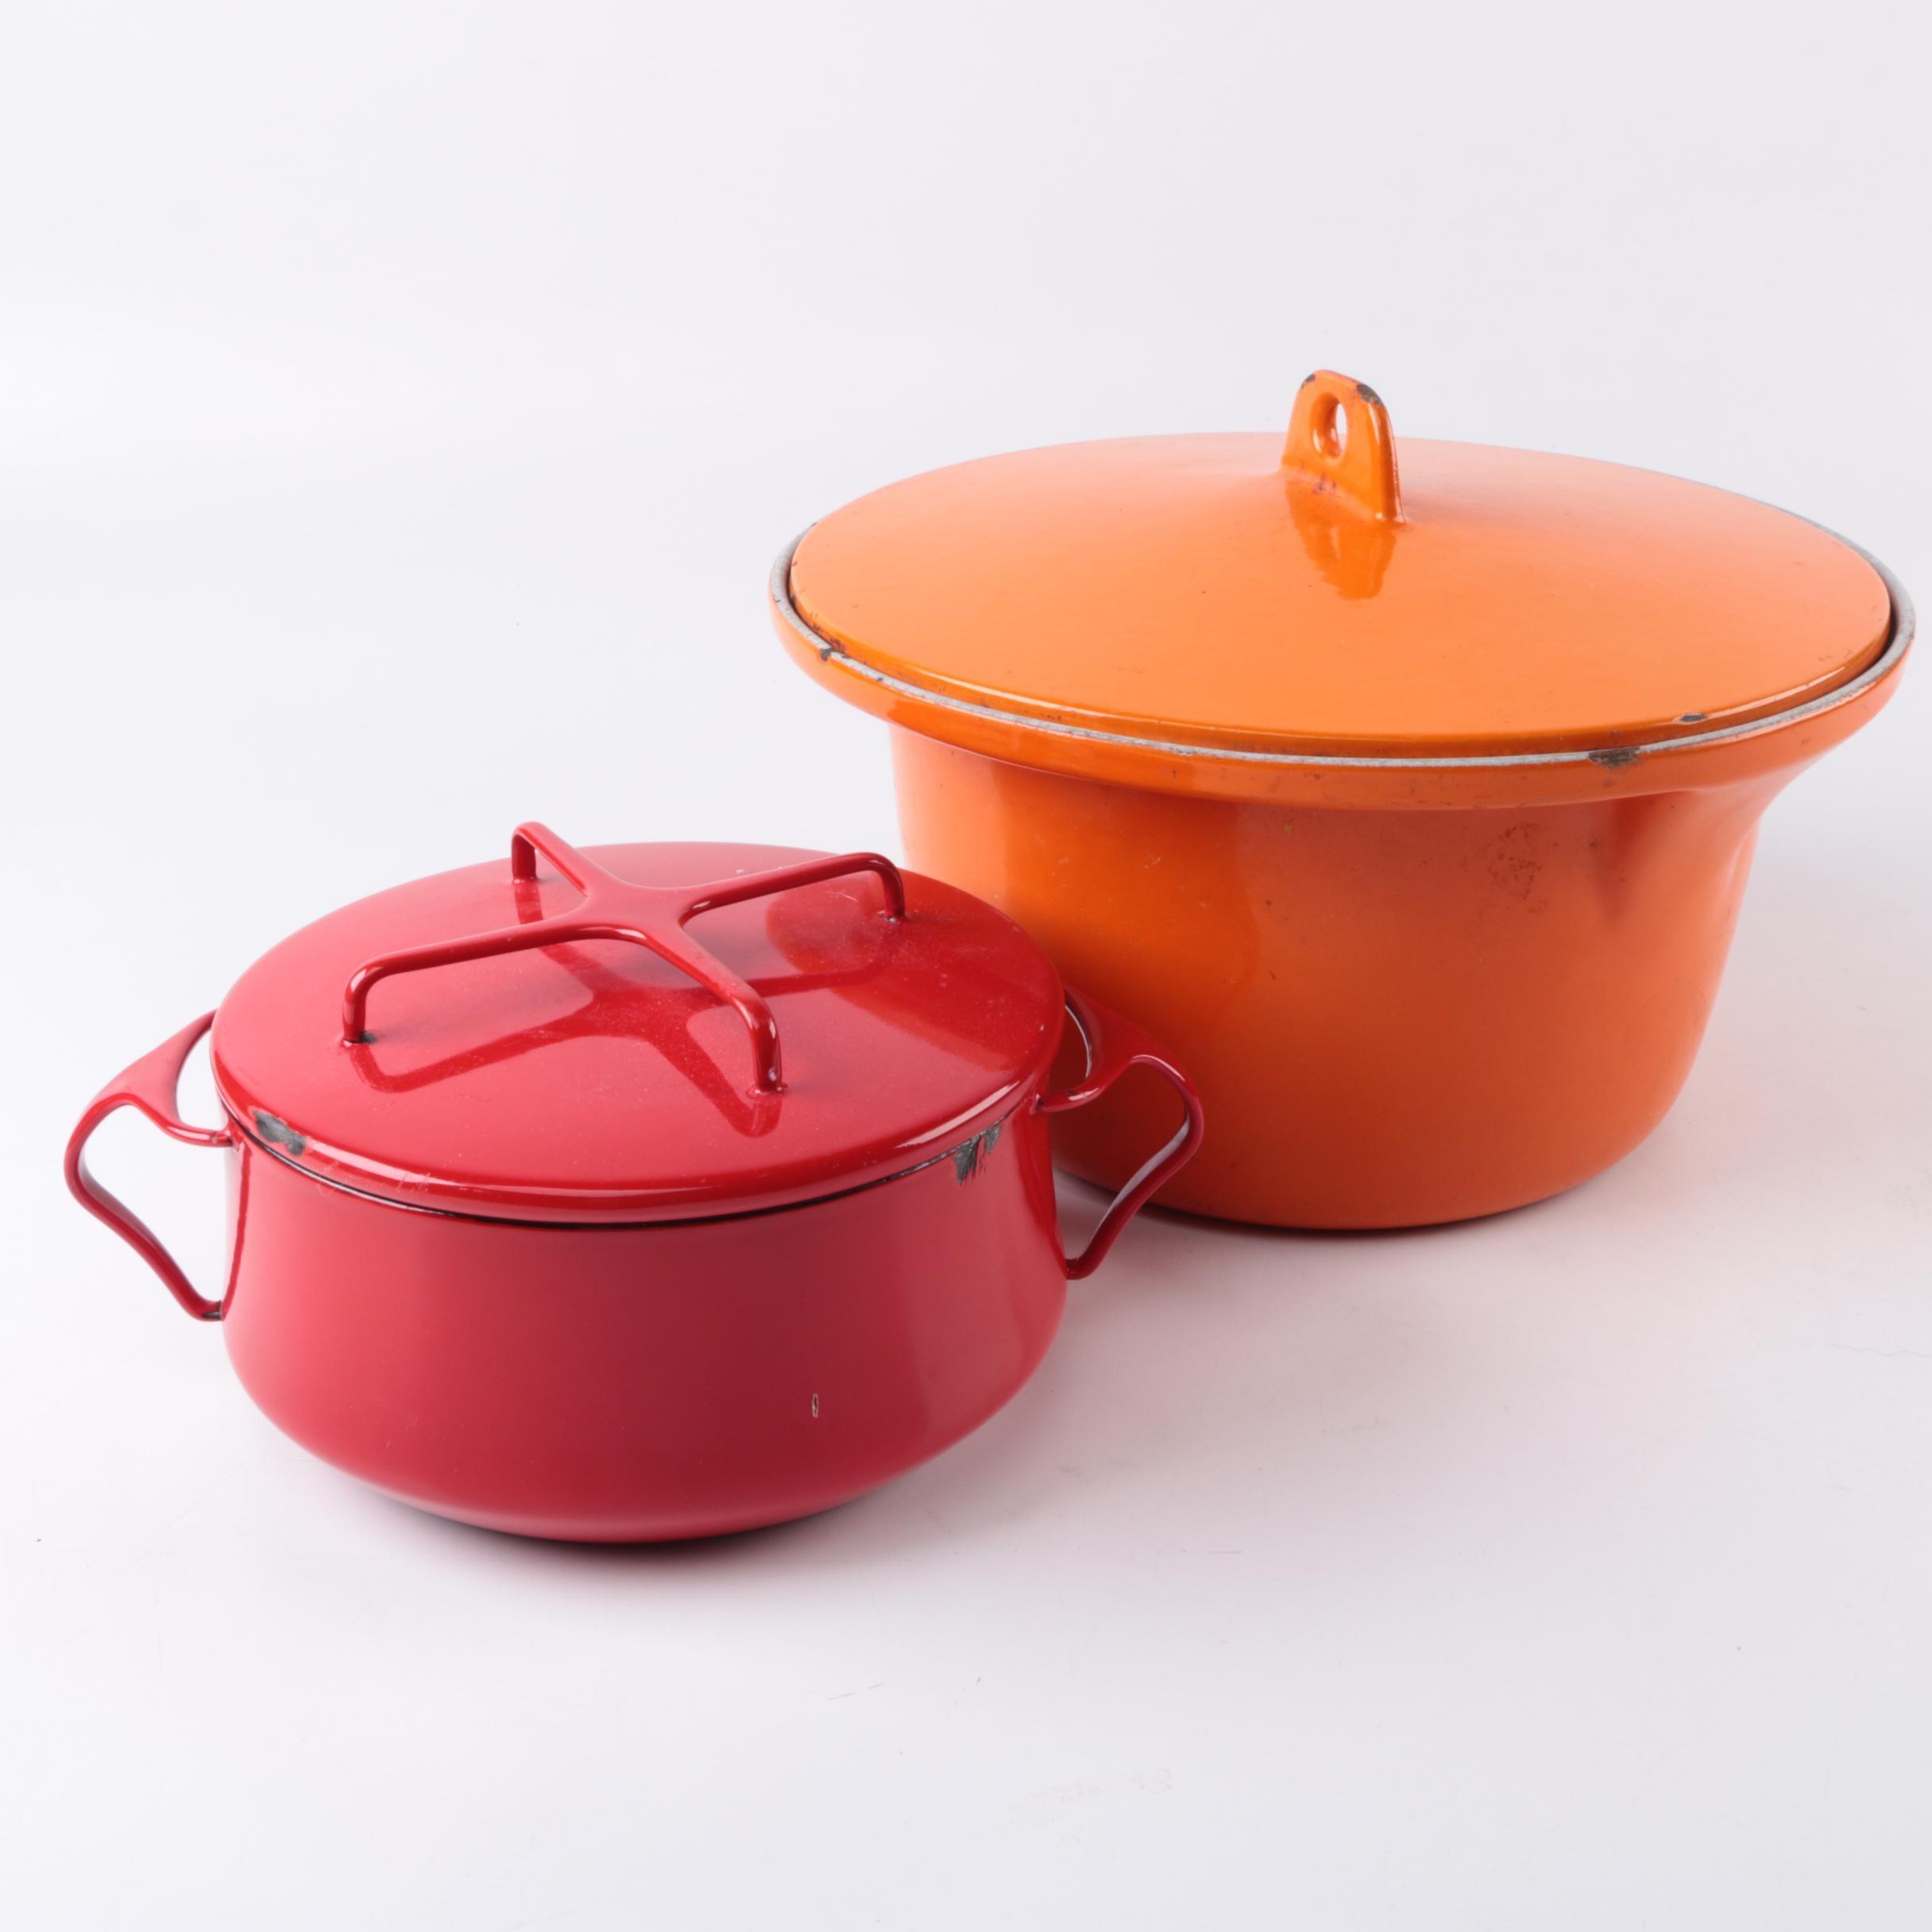 Enamel Cookware including Dansk Kobenstyle